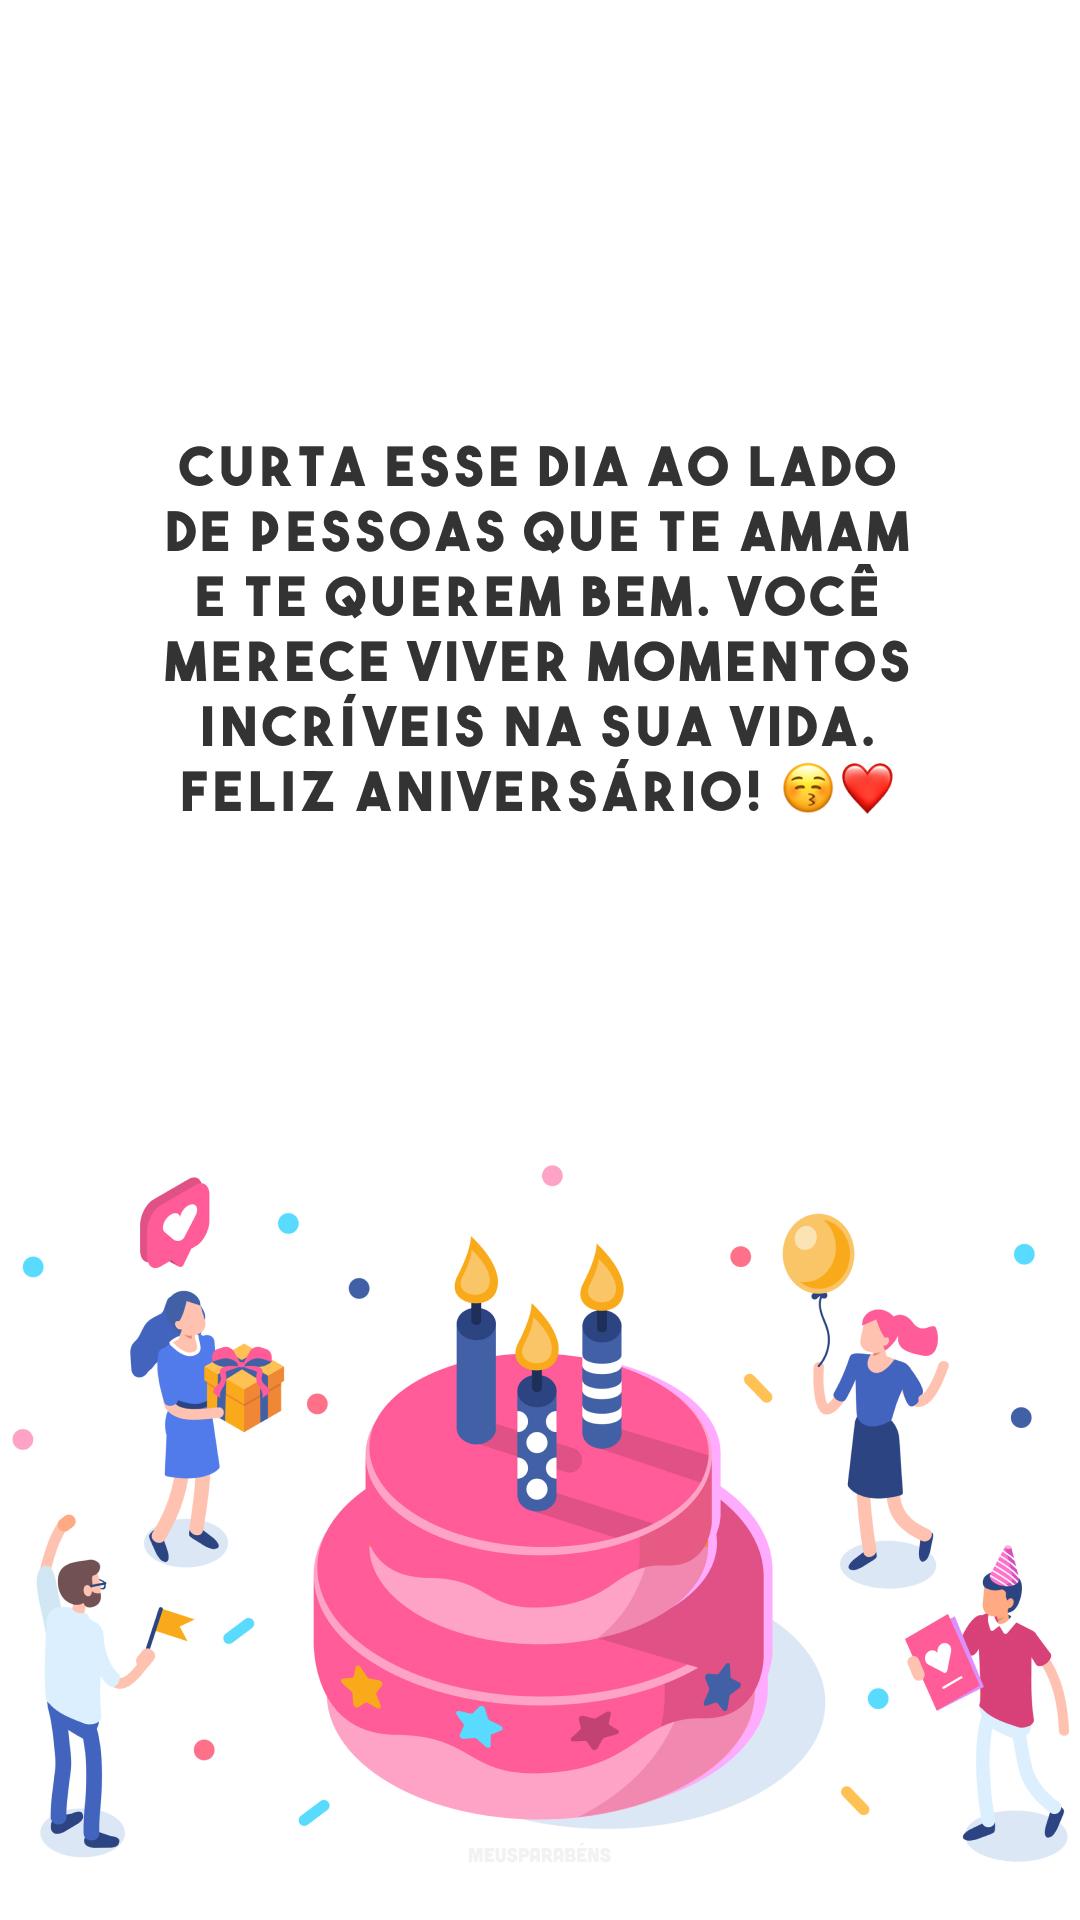 Curta esse dia ao lado de pessoas que te amam e te querem bem. Você merece viver momentos incríveis na sua vida. Feliz aniversário! 😚❤️